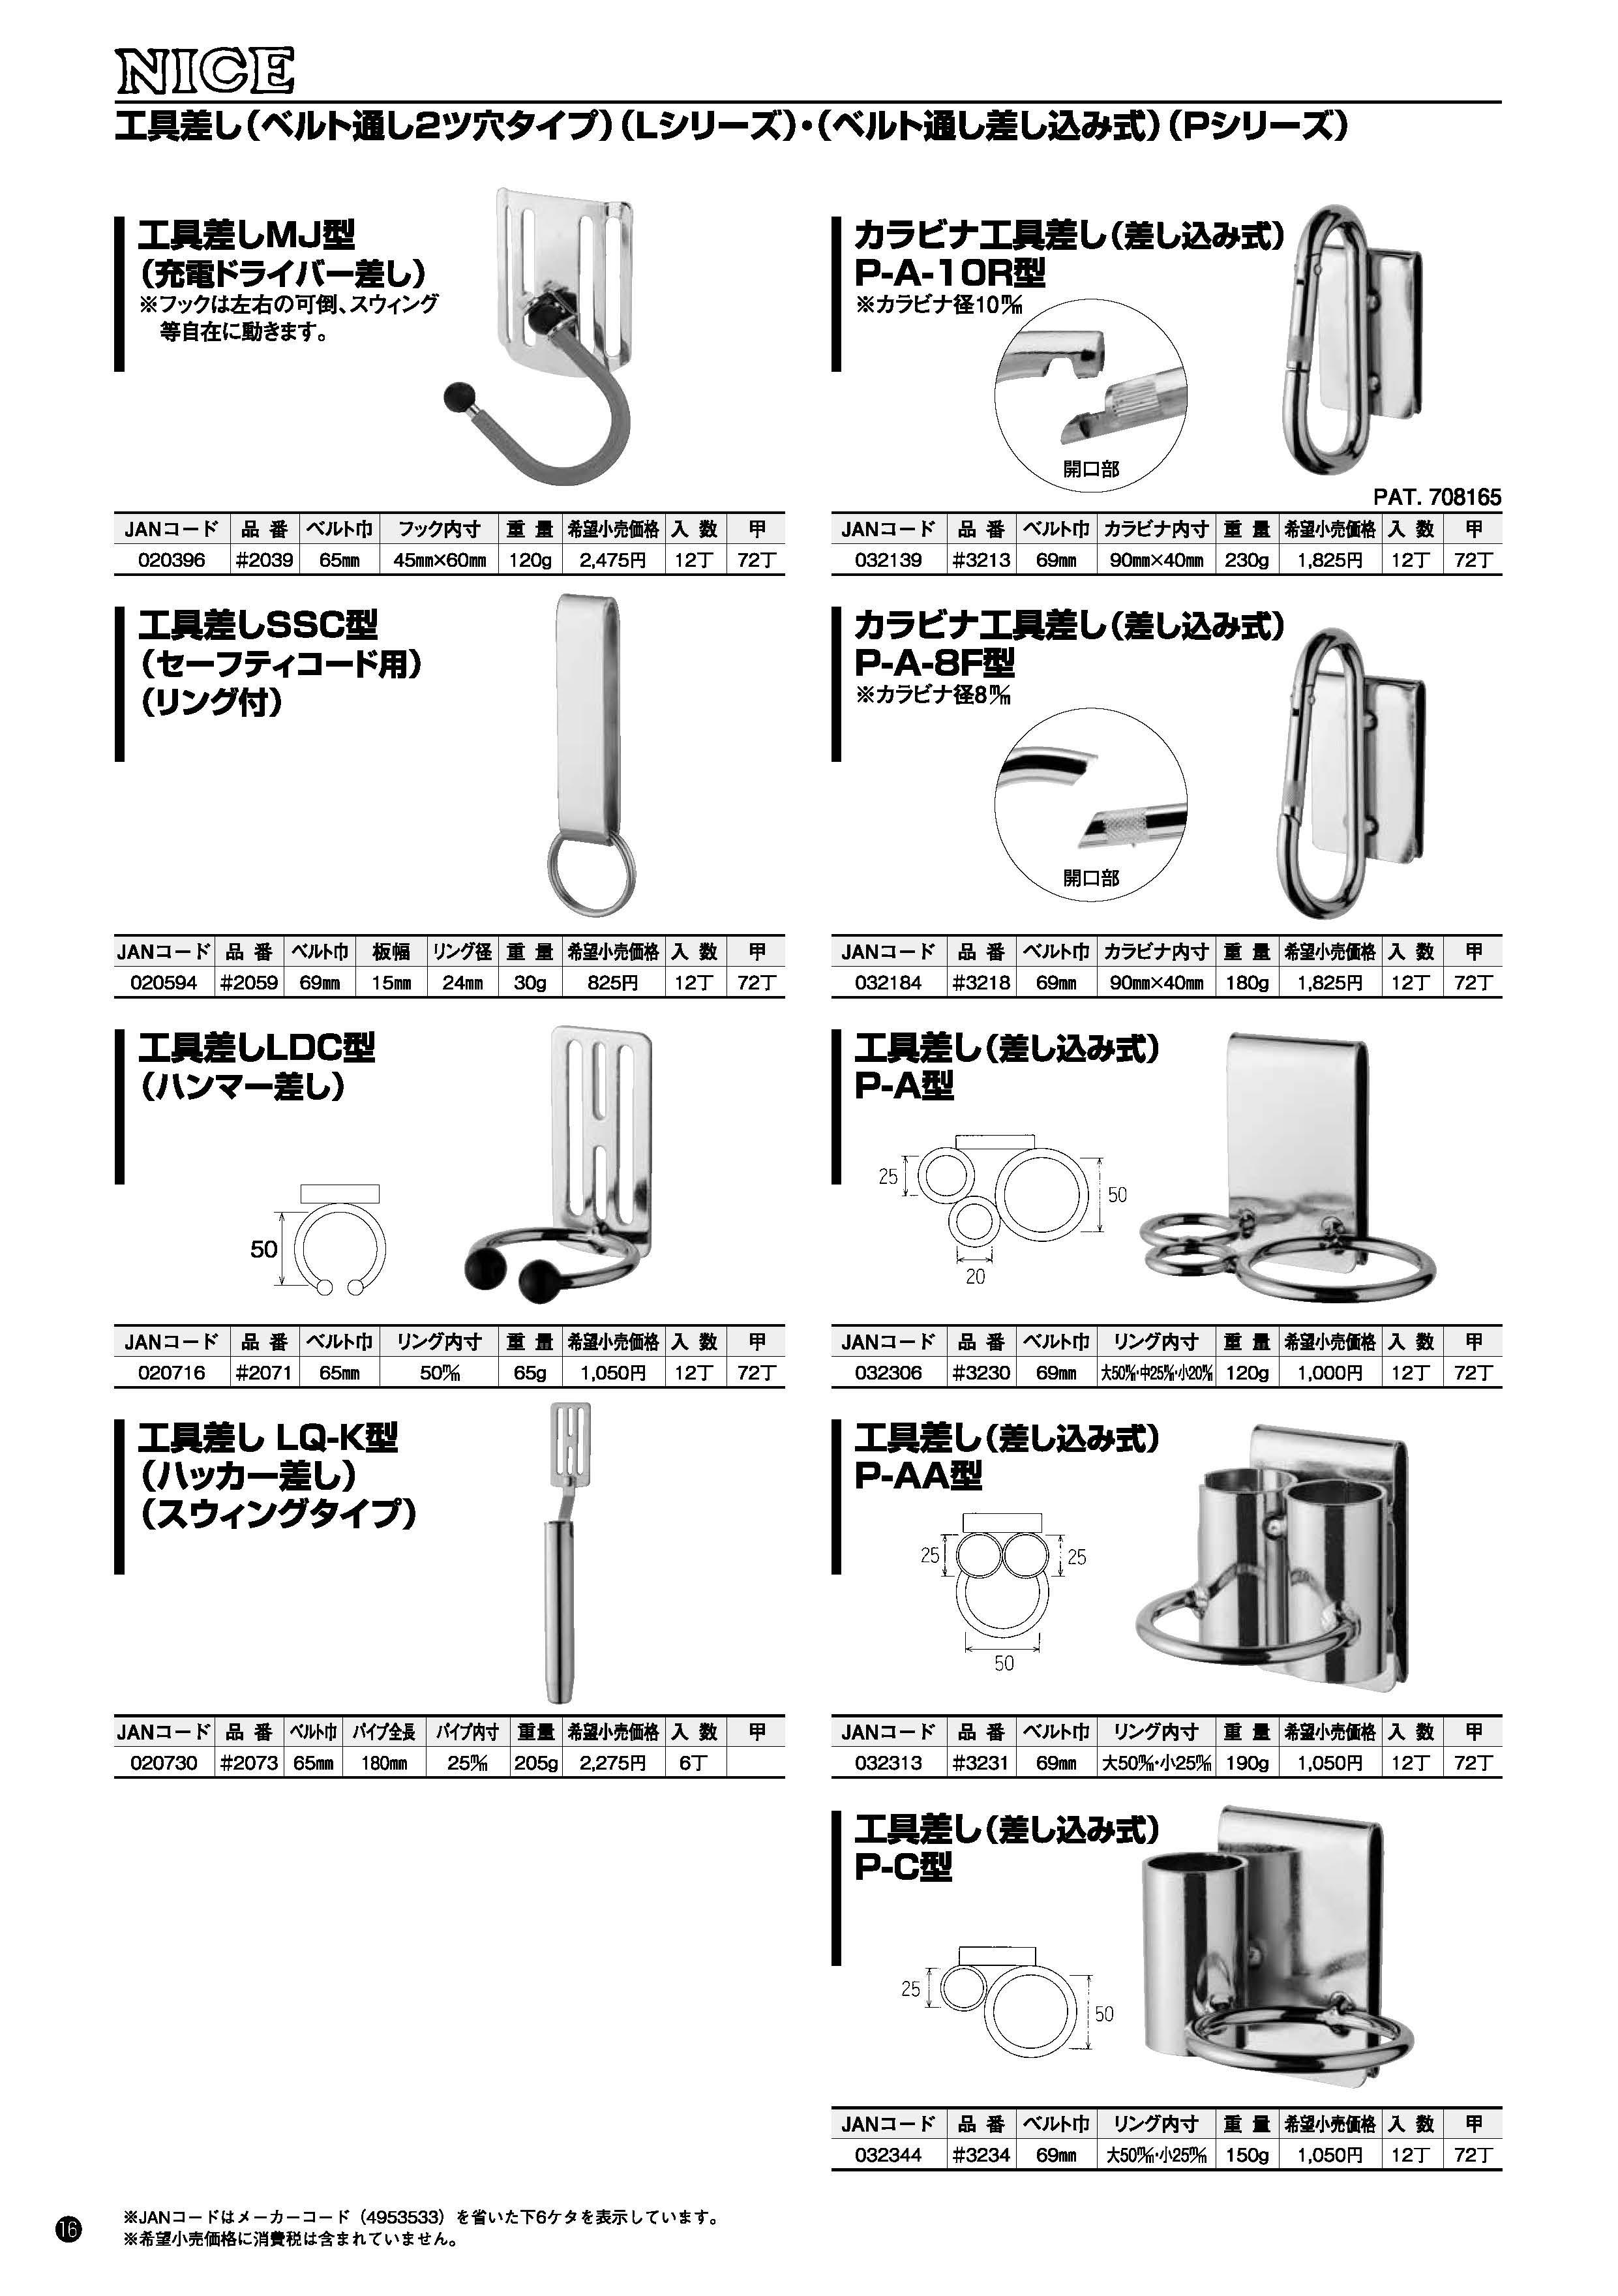 工具差し(ベルト通し2つ穴タイプ)(Lシリーズ)・(ベルト通し差し込み式)(Pシリーズ)